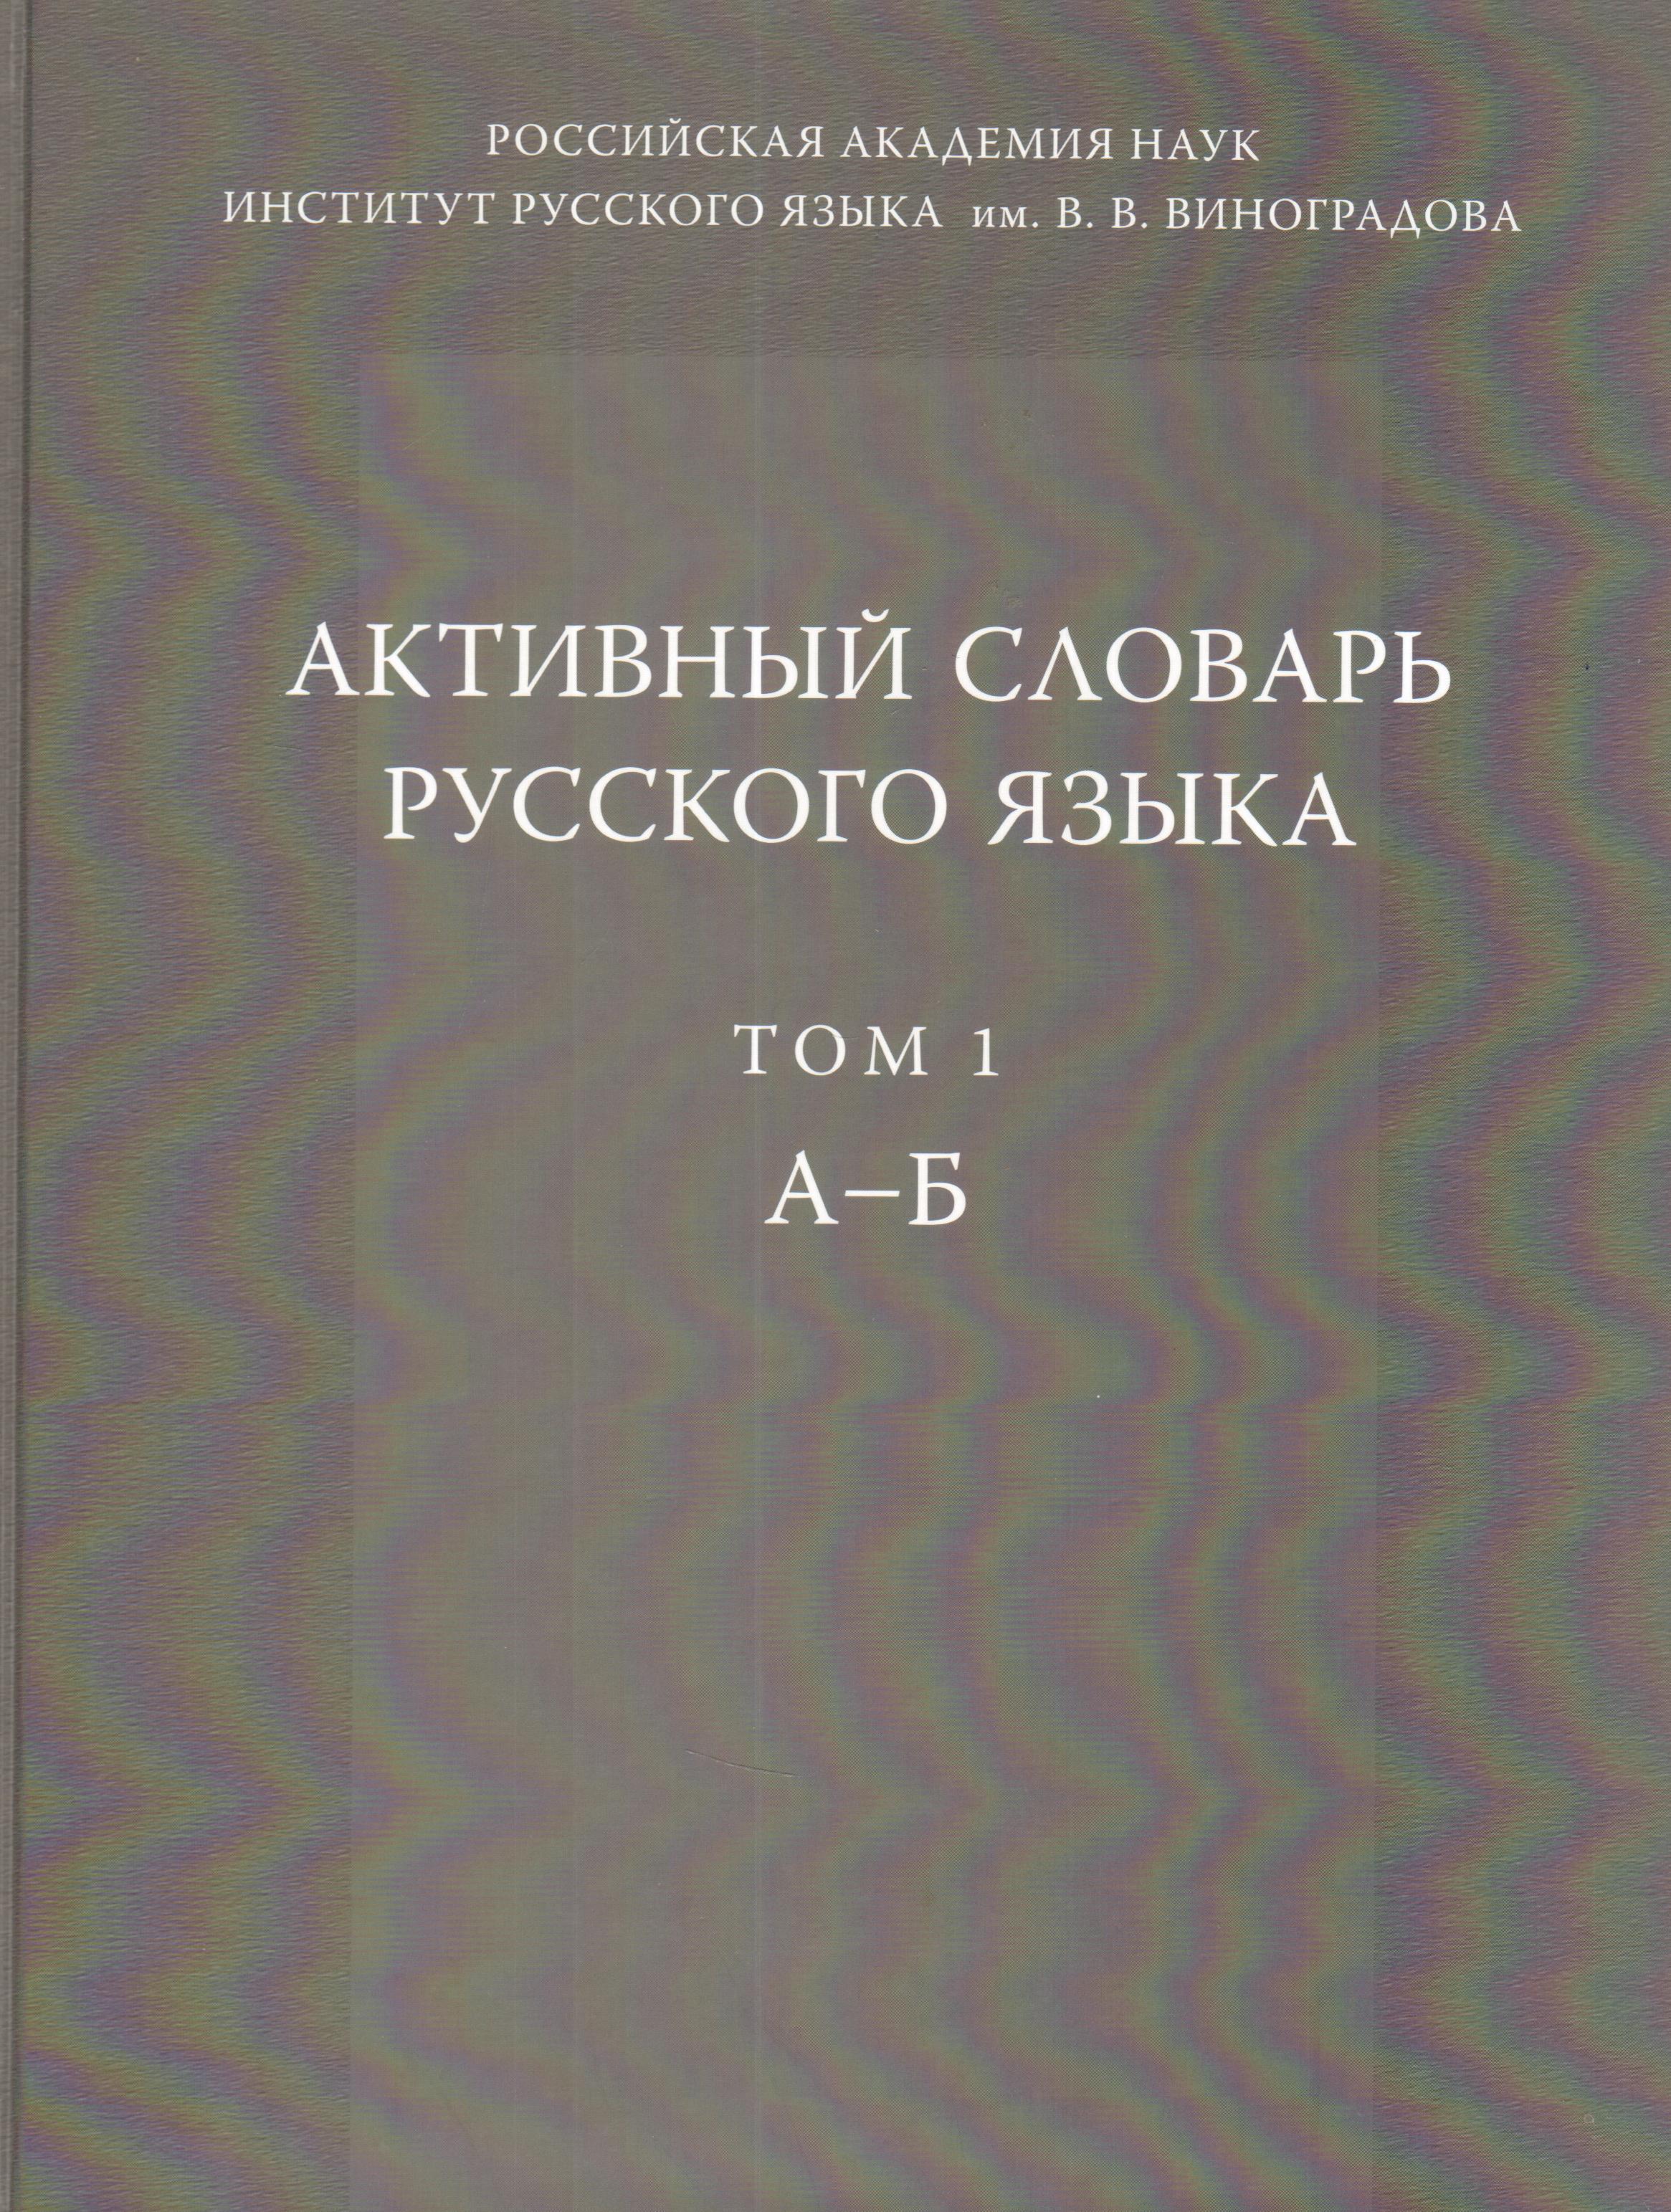 Активный словарь русского языка. Том 1. А — Б